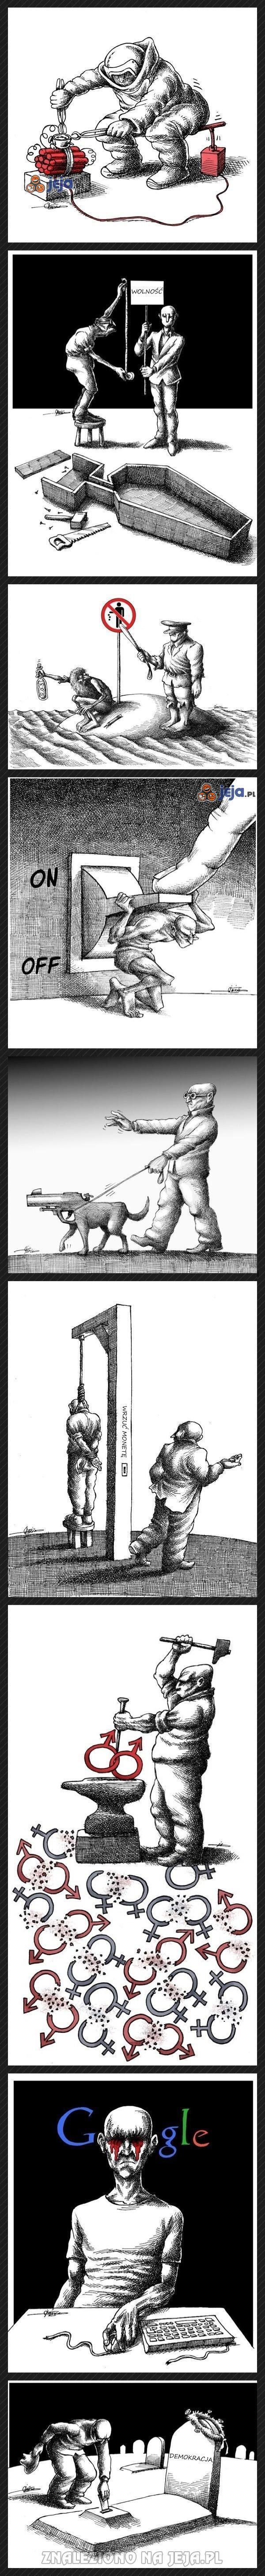 Rzeczywistość - Mana Neyestani